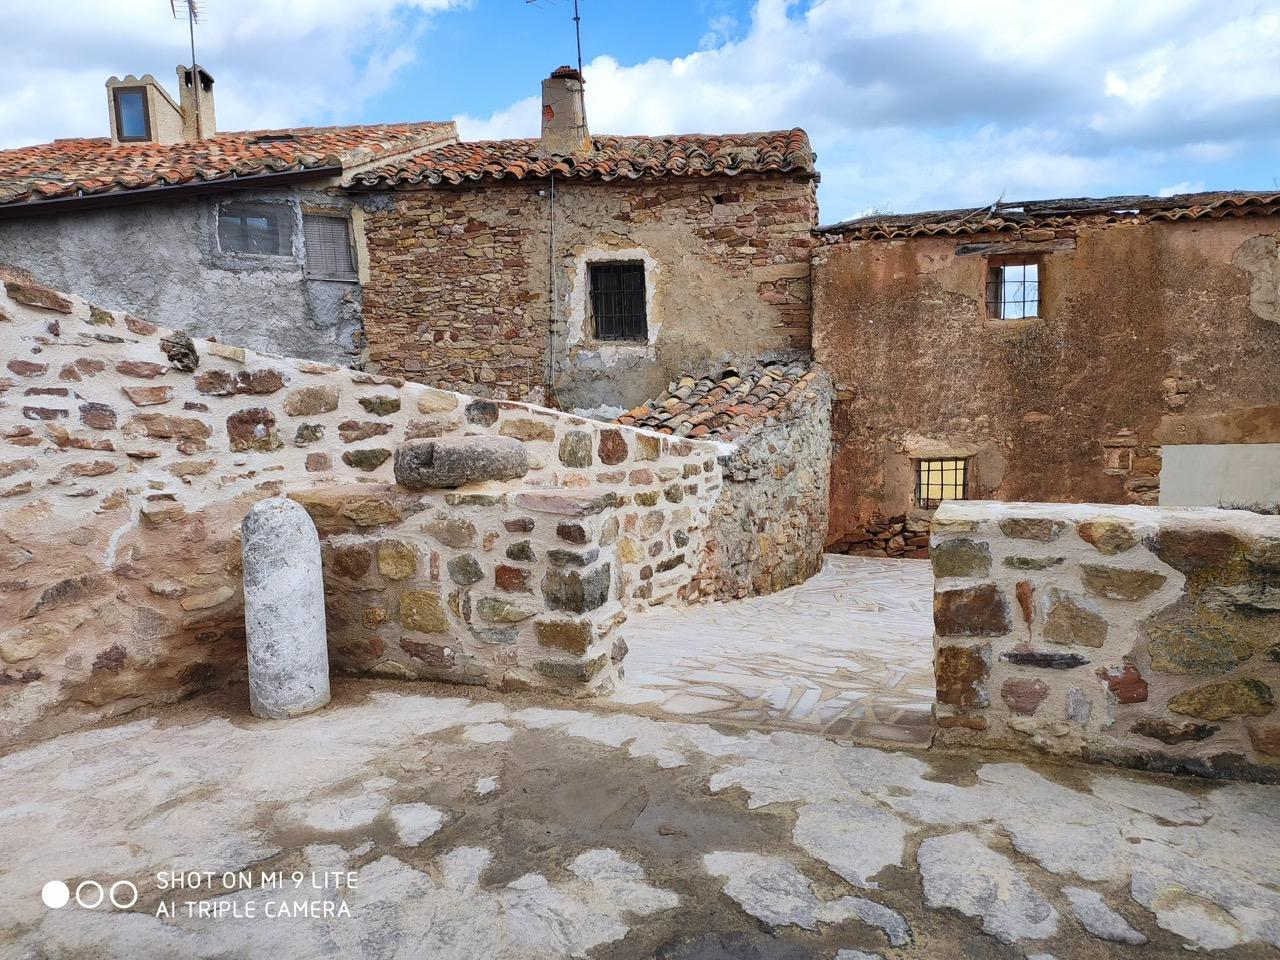 El Ayuntamiento amplia el patio de entrada al Torreón de los Ponce